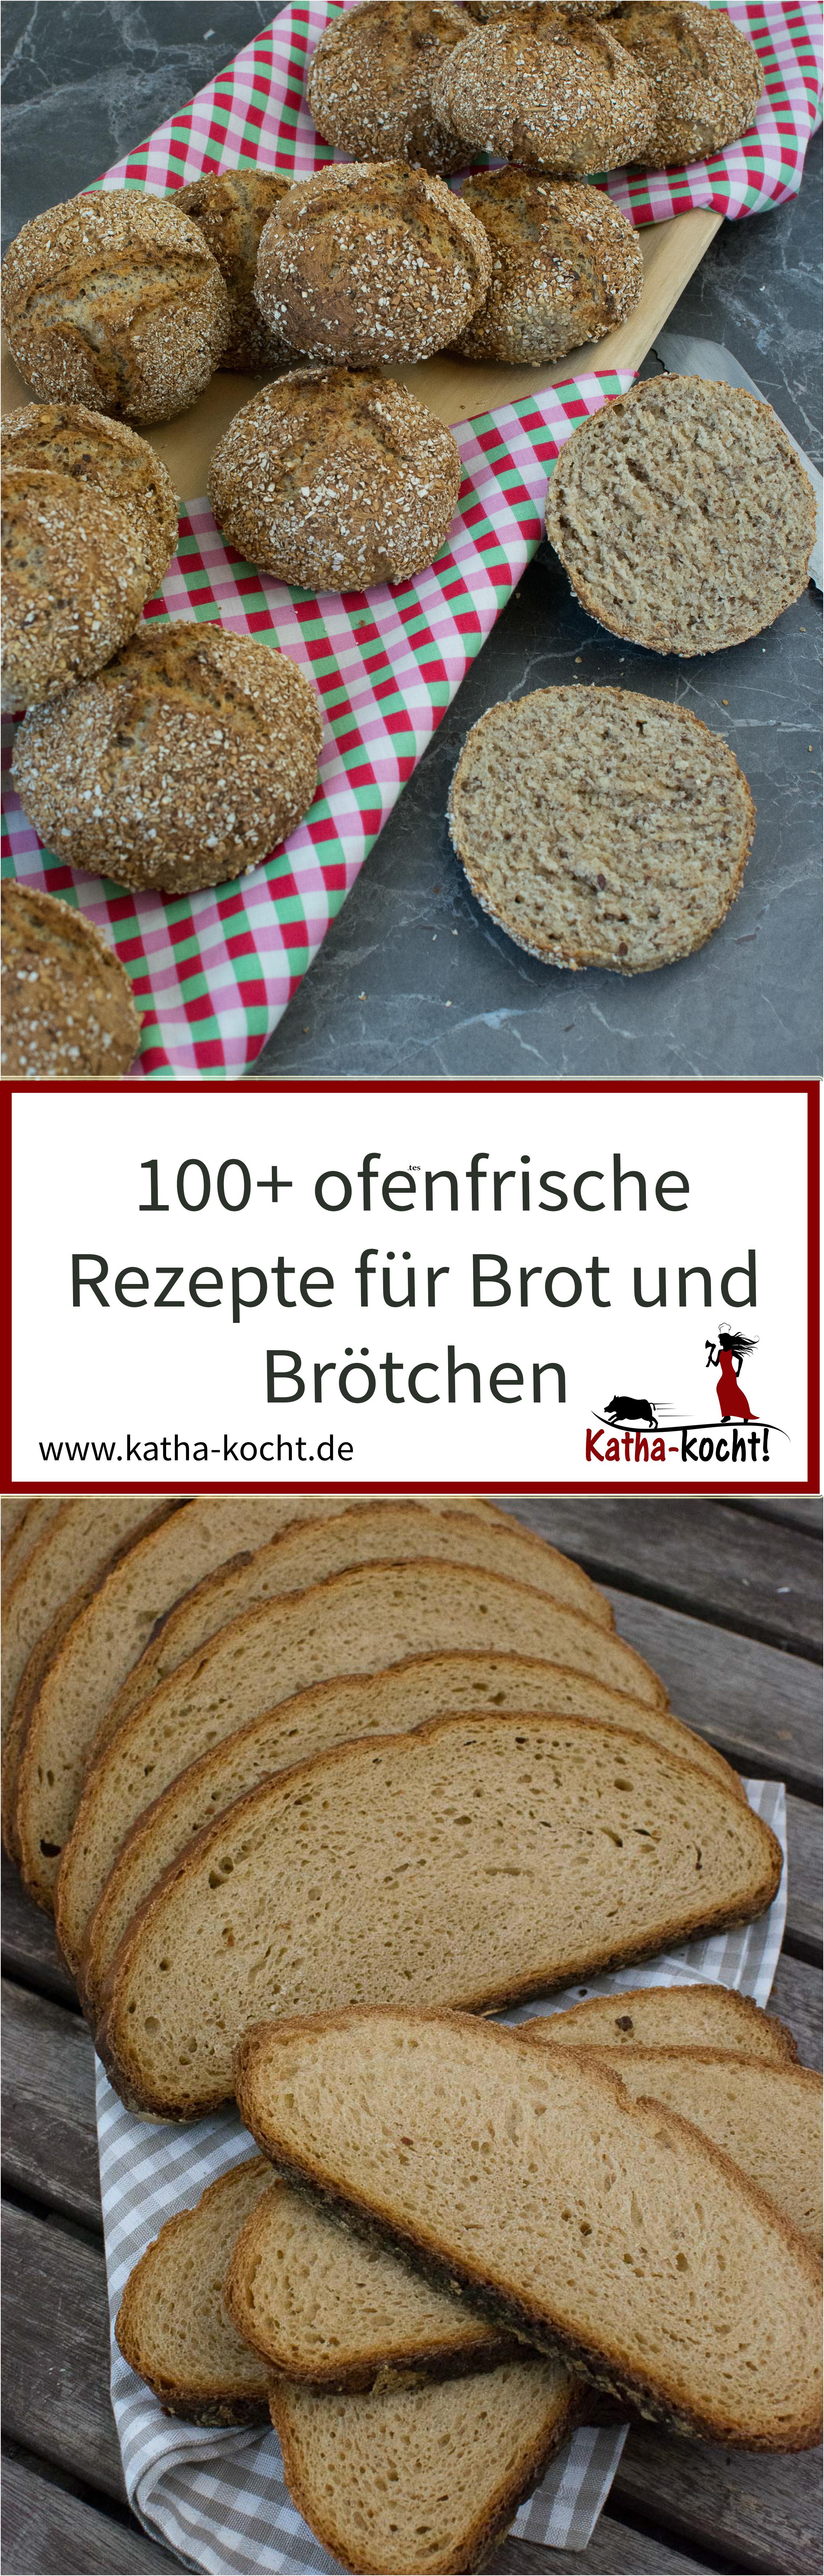 Auf Meinem Blog Findest Du Mehr Als 100 Rezepte Fur Ofenfrische Brote Und Brotchen Hefeteig Sauerteig Susses Geb Rezepte Katha Kocht Leckere Fruhstucksideen